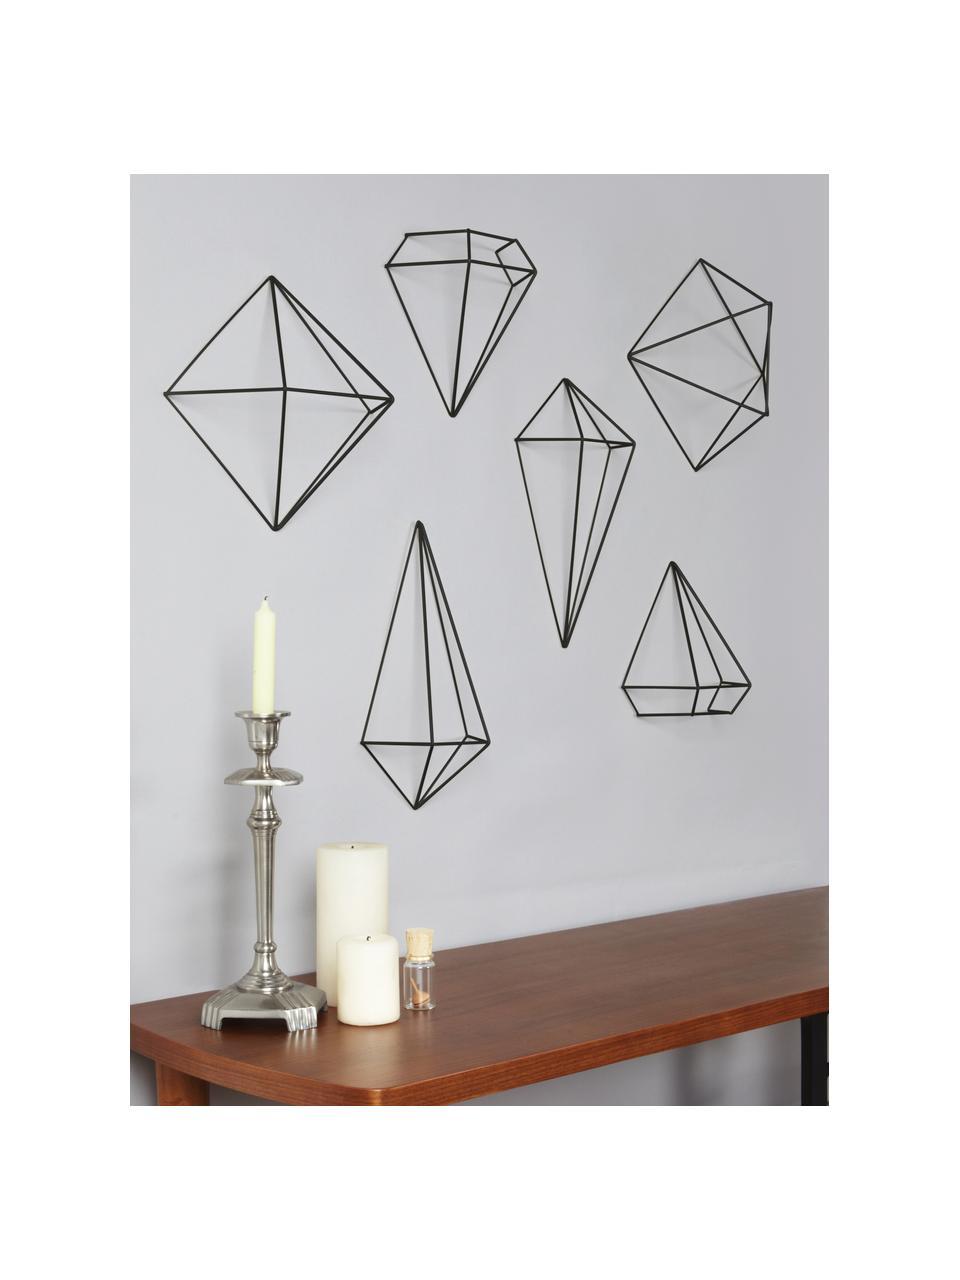 Komplet dekoracji ściennych z metalu lakierowanego Prisma, 6 elem., Metal lakierowany, Czarny, Komplet z różnymi rozmiarami